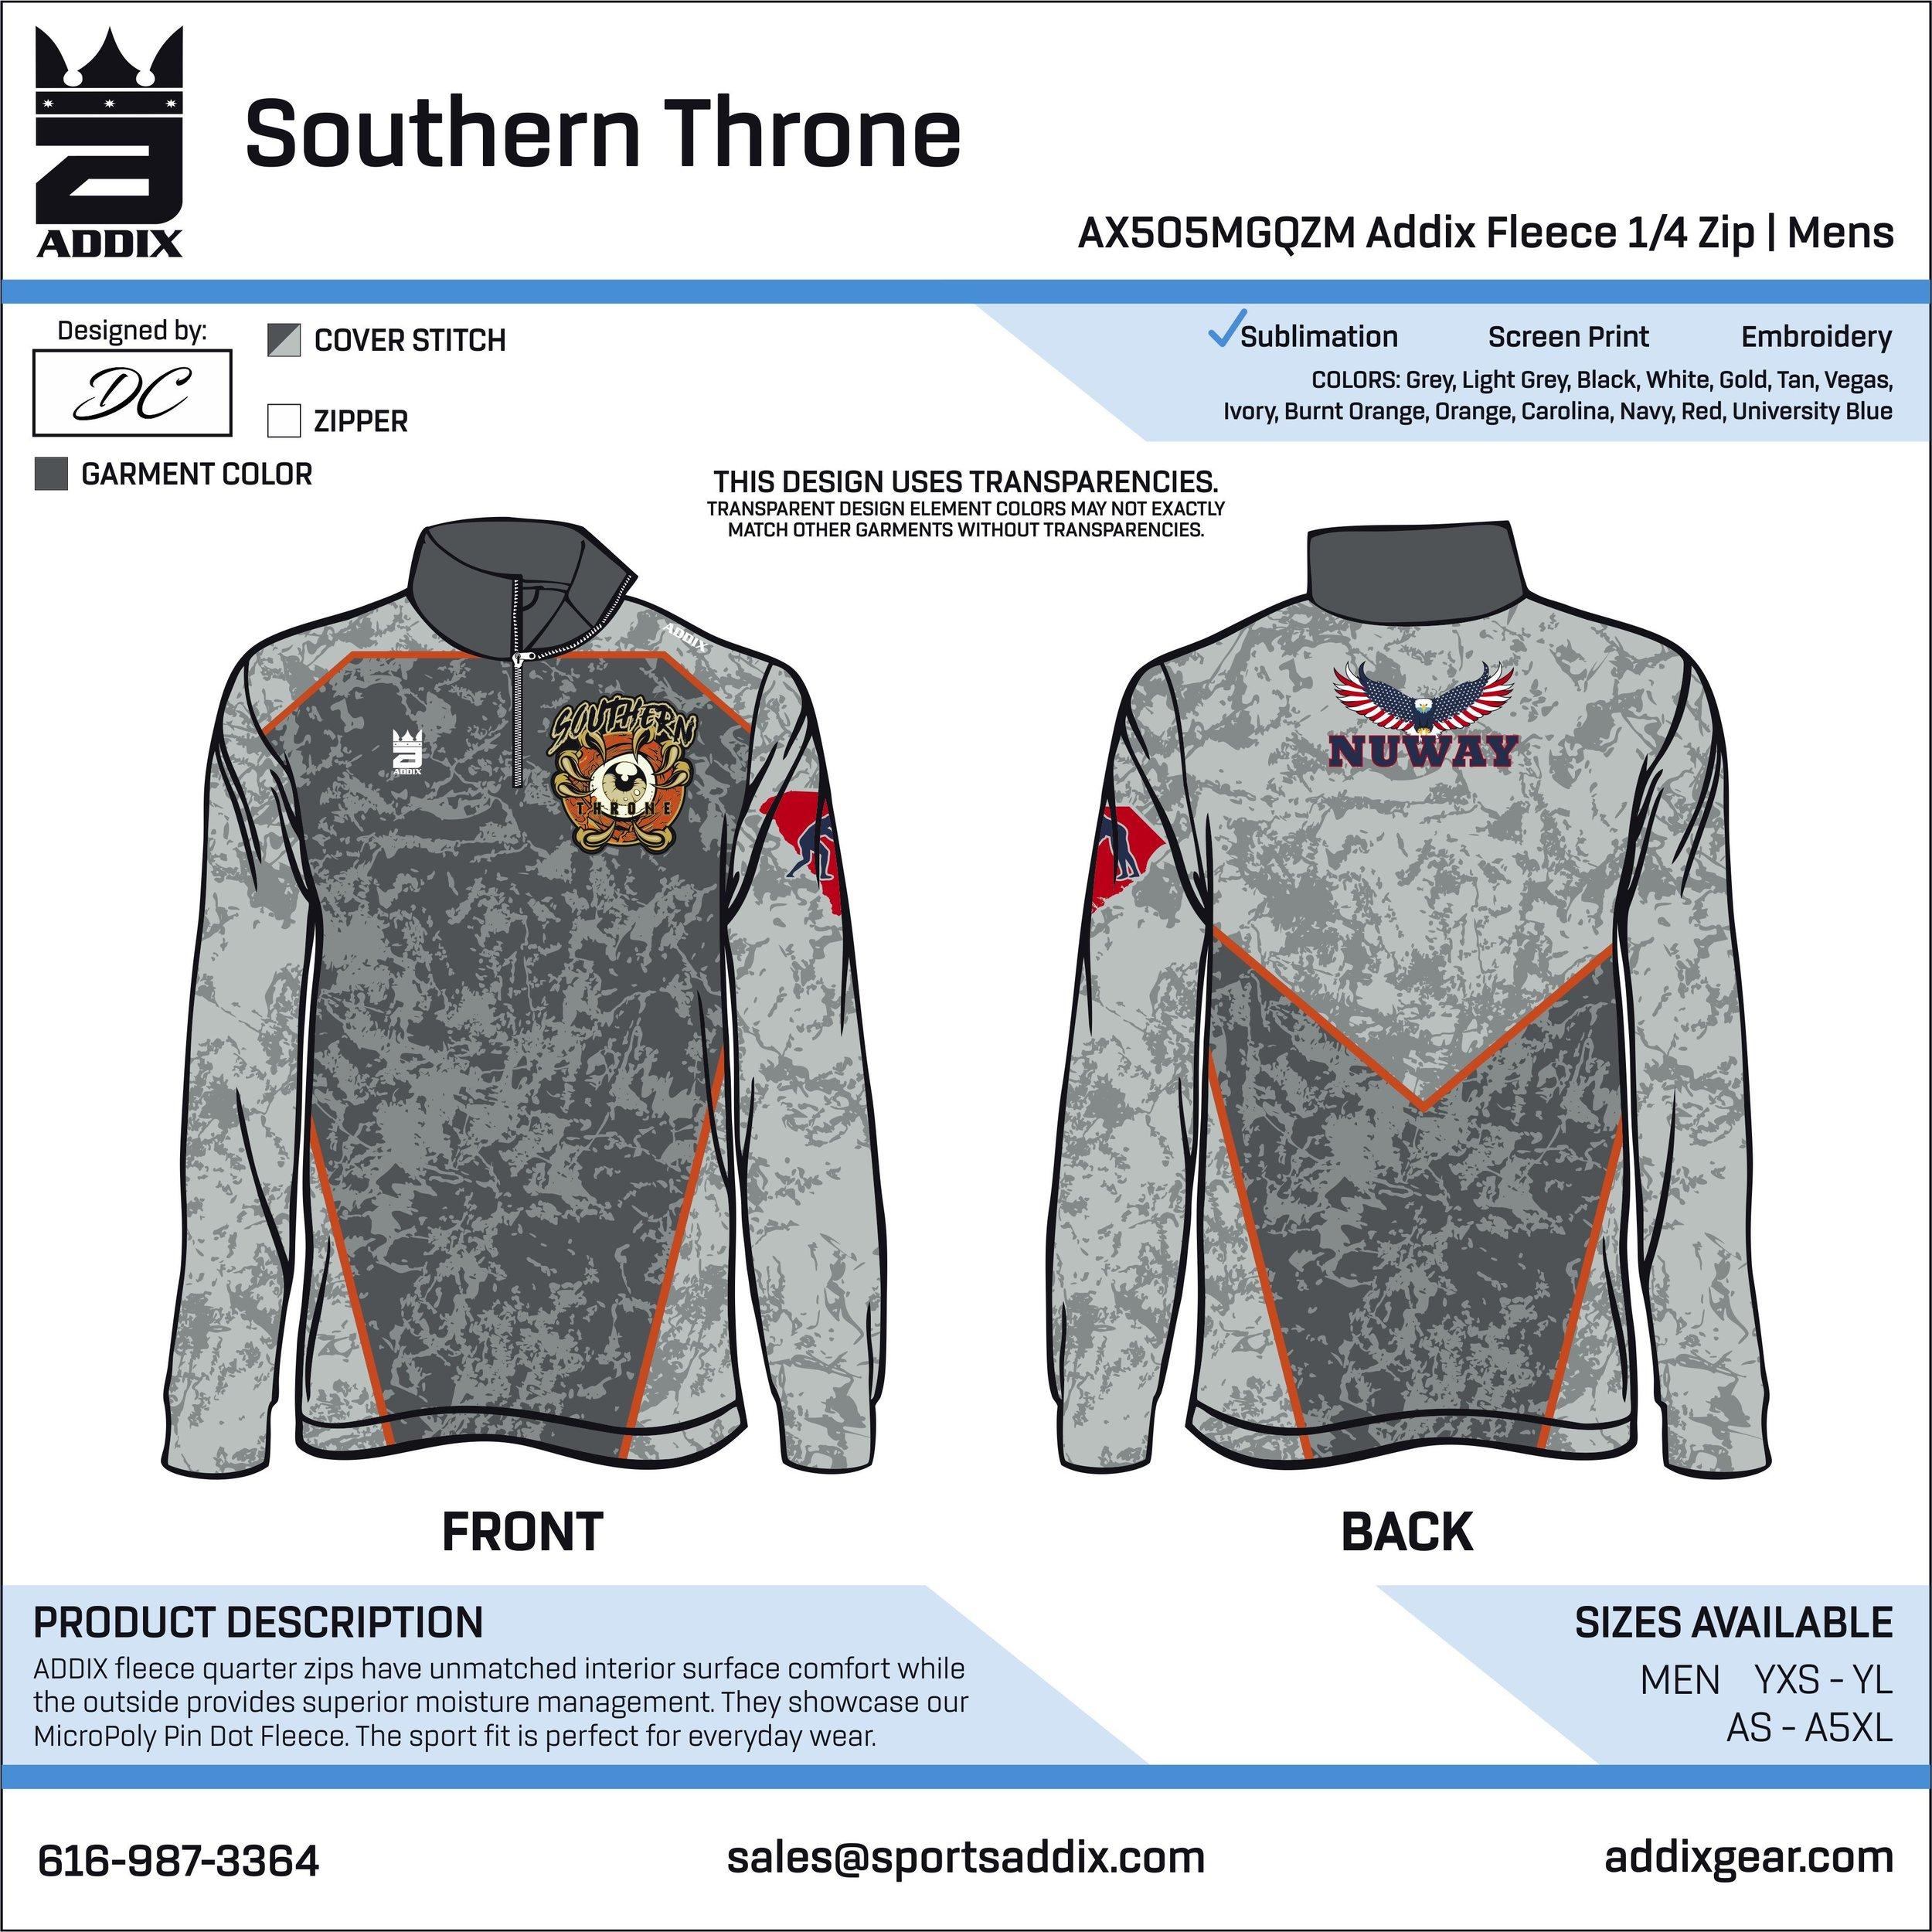 Southern Throne_2018_12-27_DC_LS HVY QZ.jpg